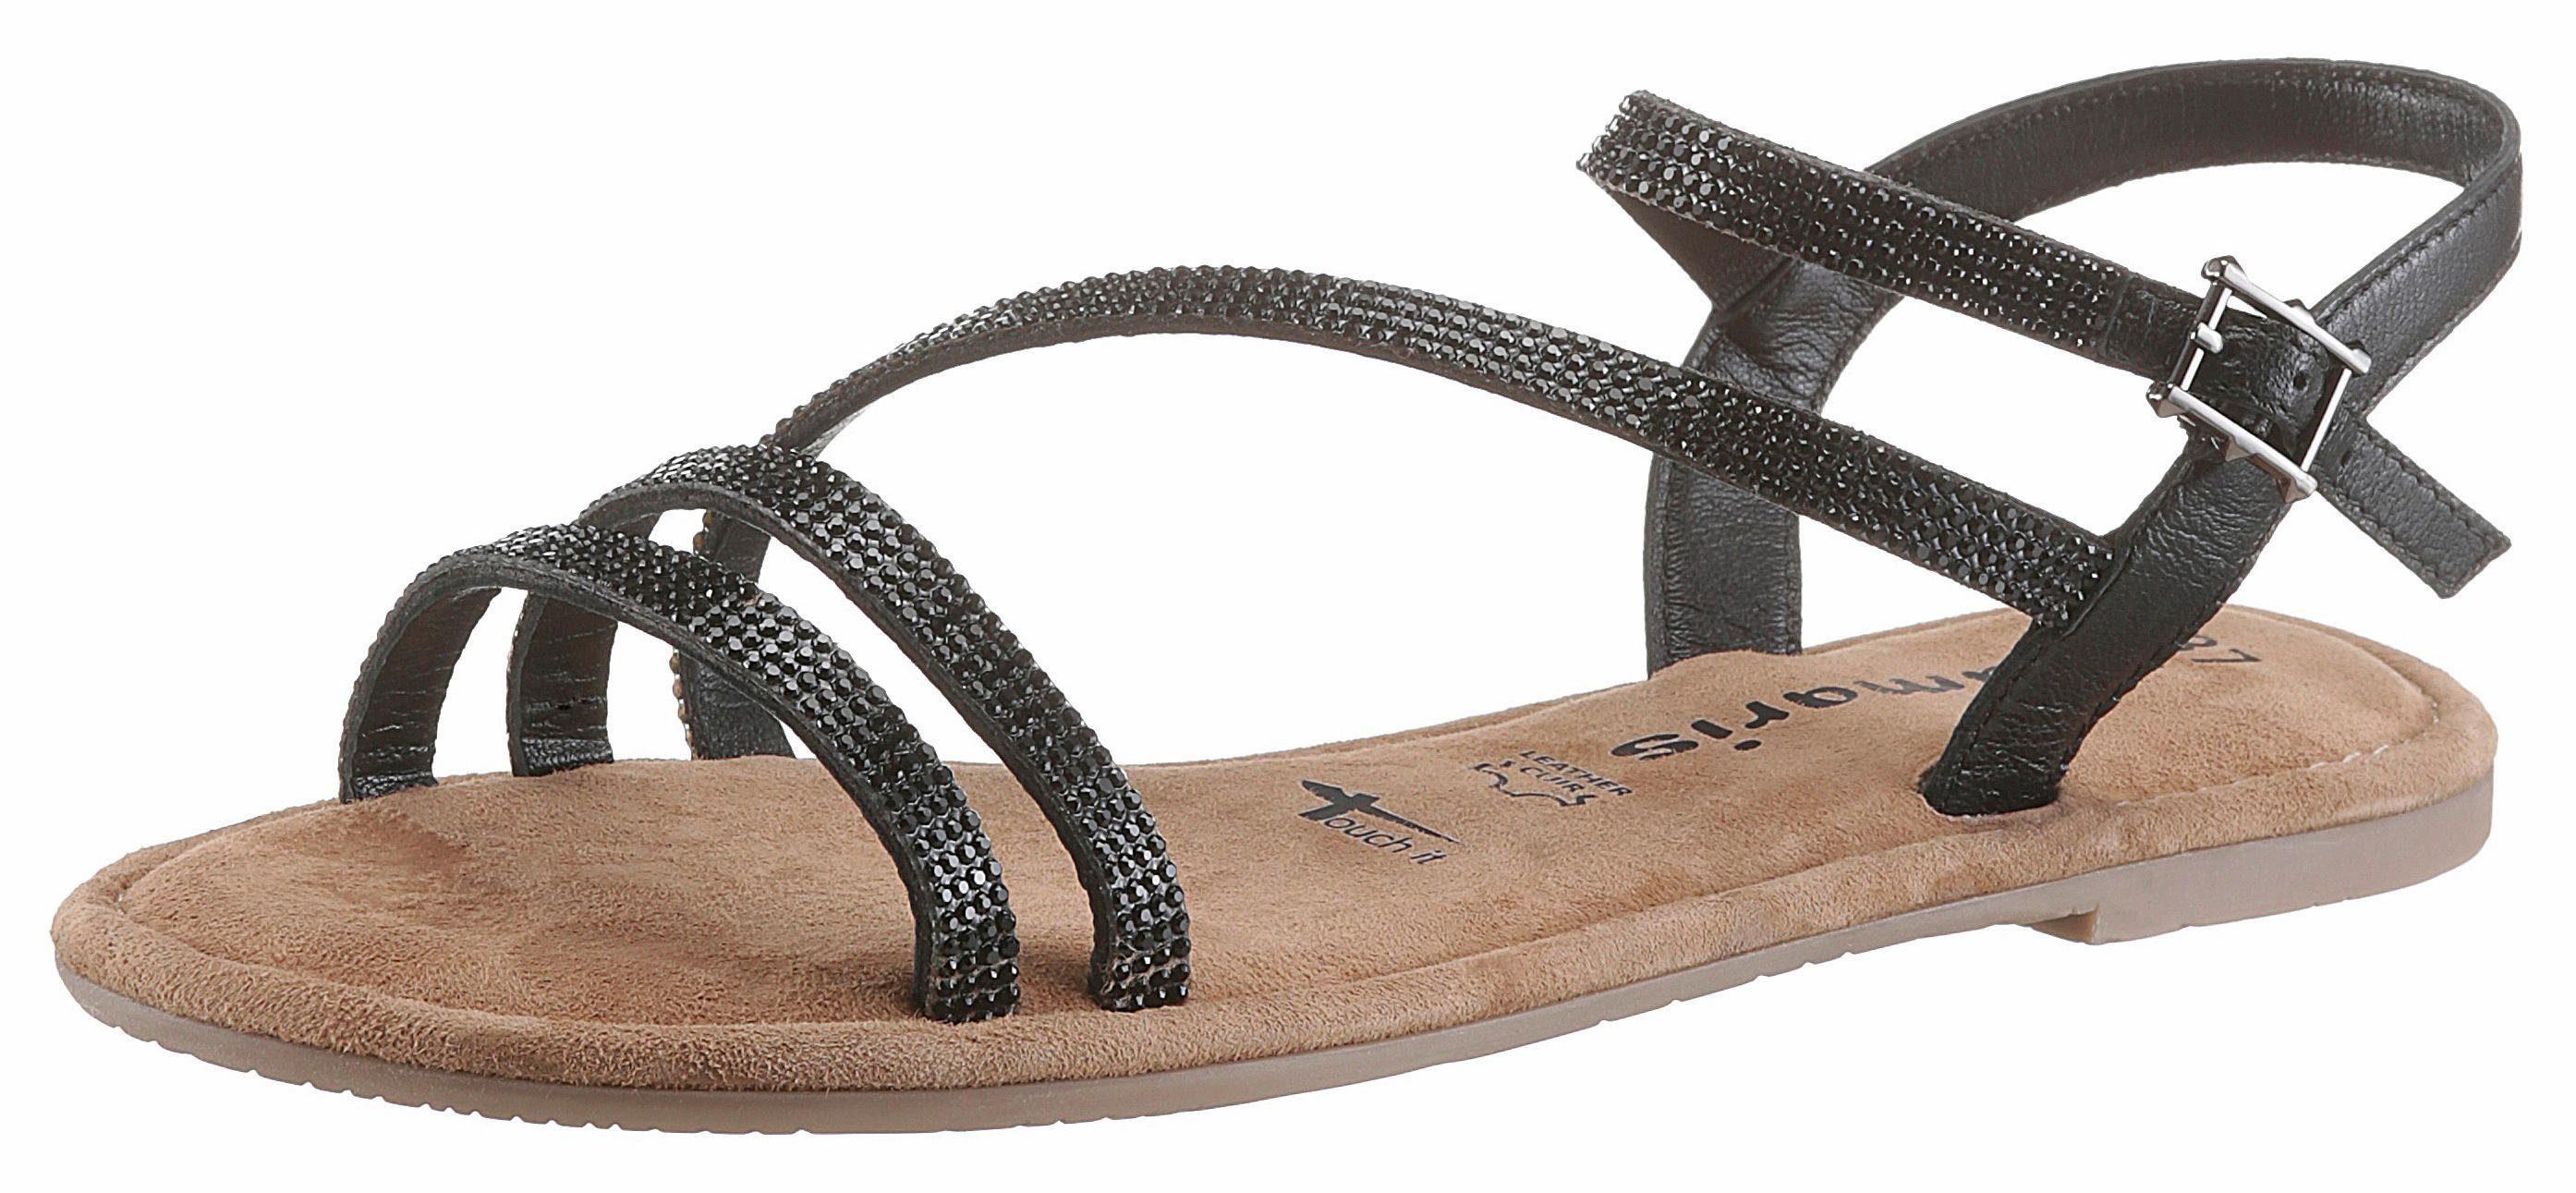 Tamaris Sandale, mit Glitzer-Riemchen, schwarz, schwarz